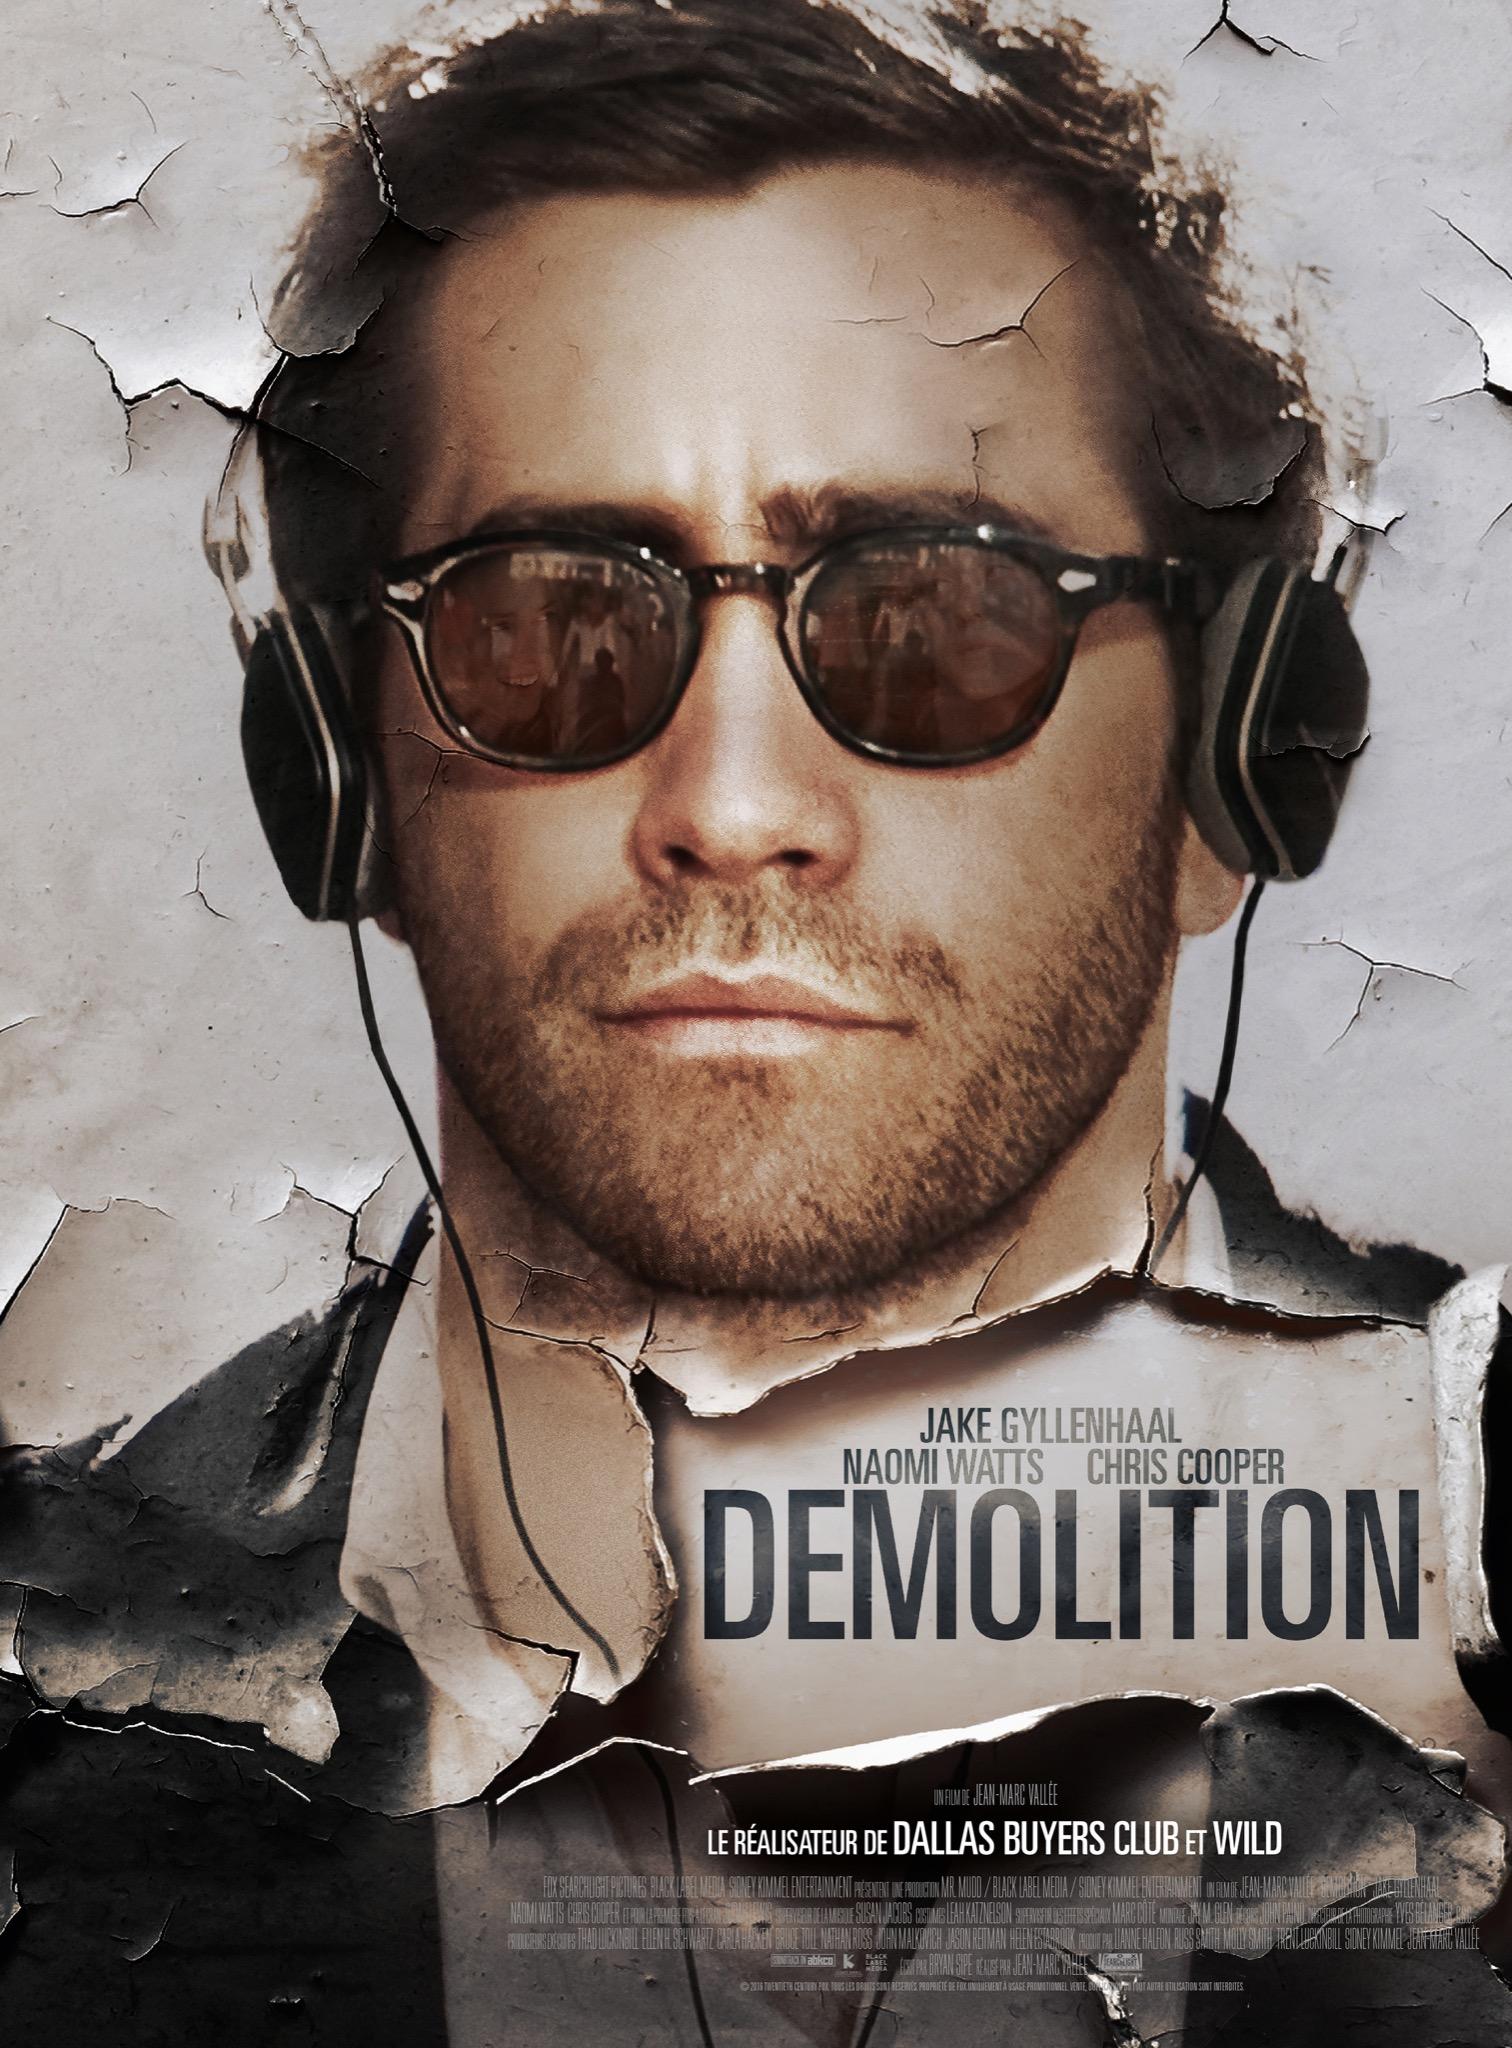 Demolition-affiche